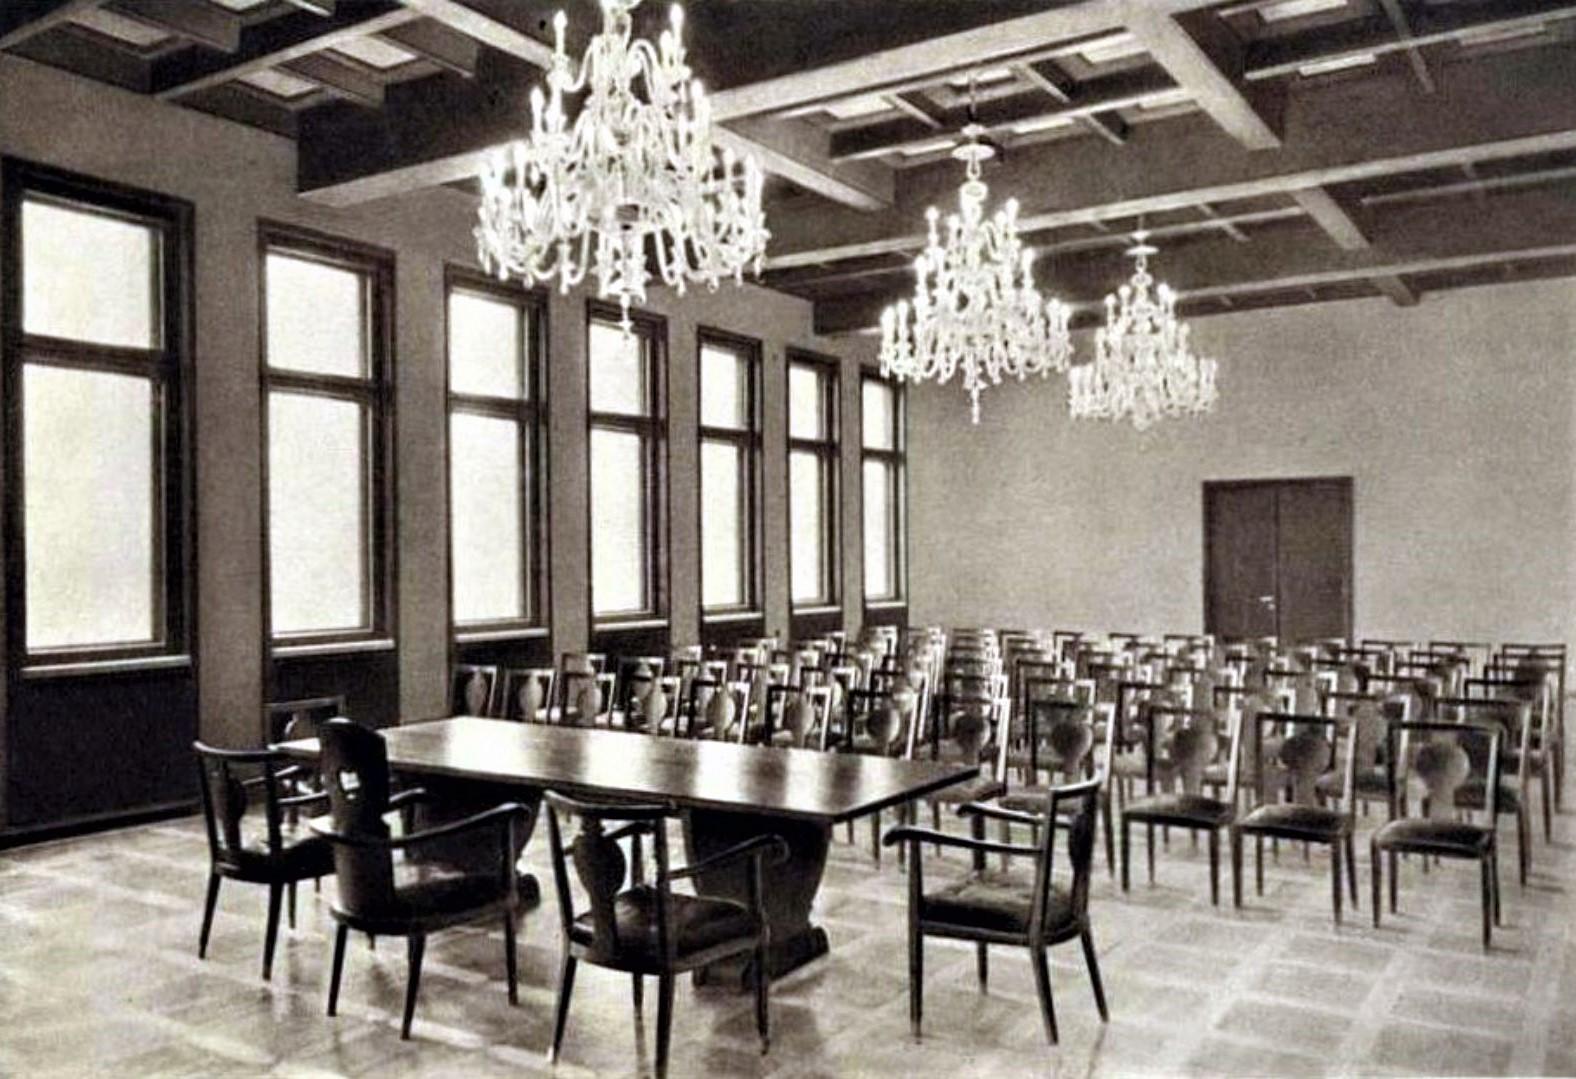 Rūmų didžioji salė, 1938 m. Nuotraukos šaltinis: Prekybos, pramonės ir amatų rūmai: albumas, Kaunas, 1938 m.